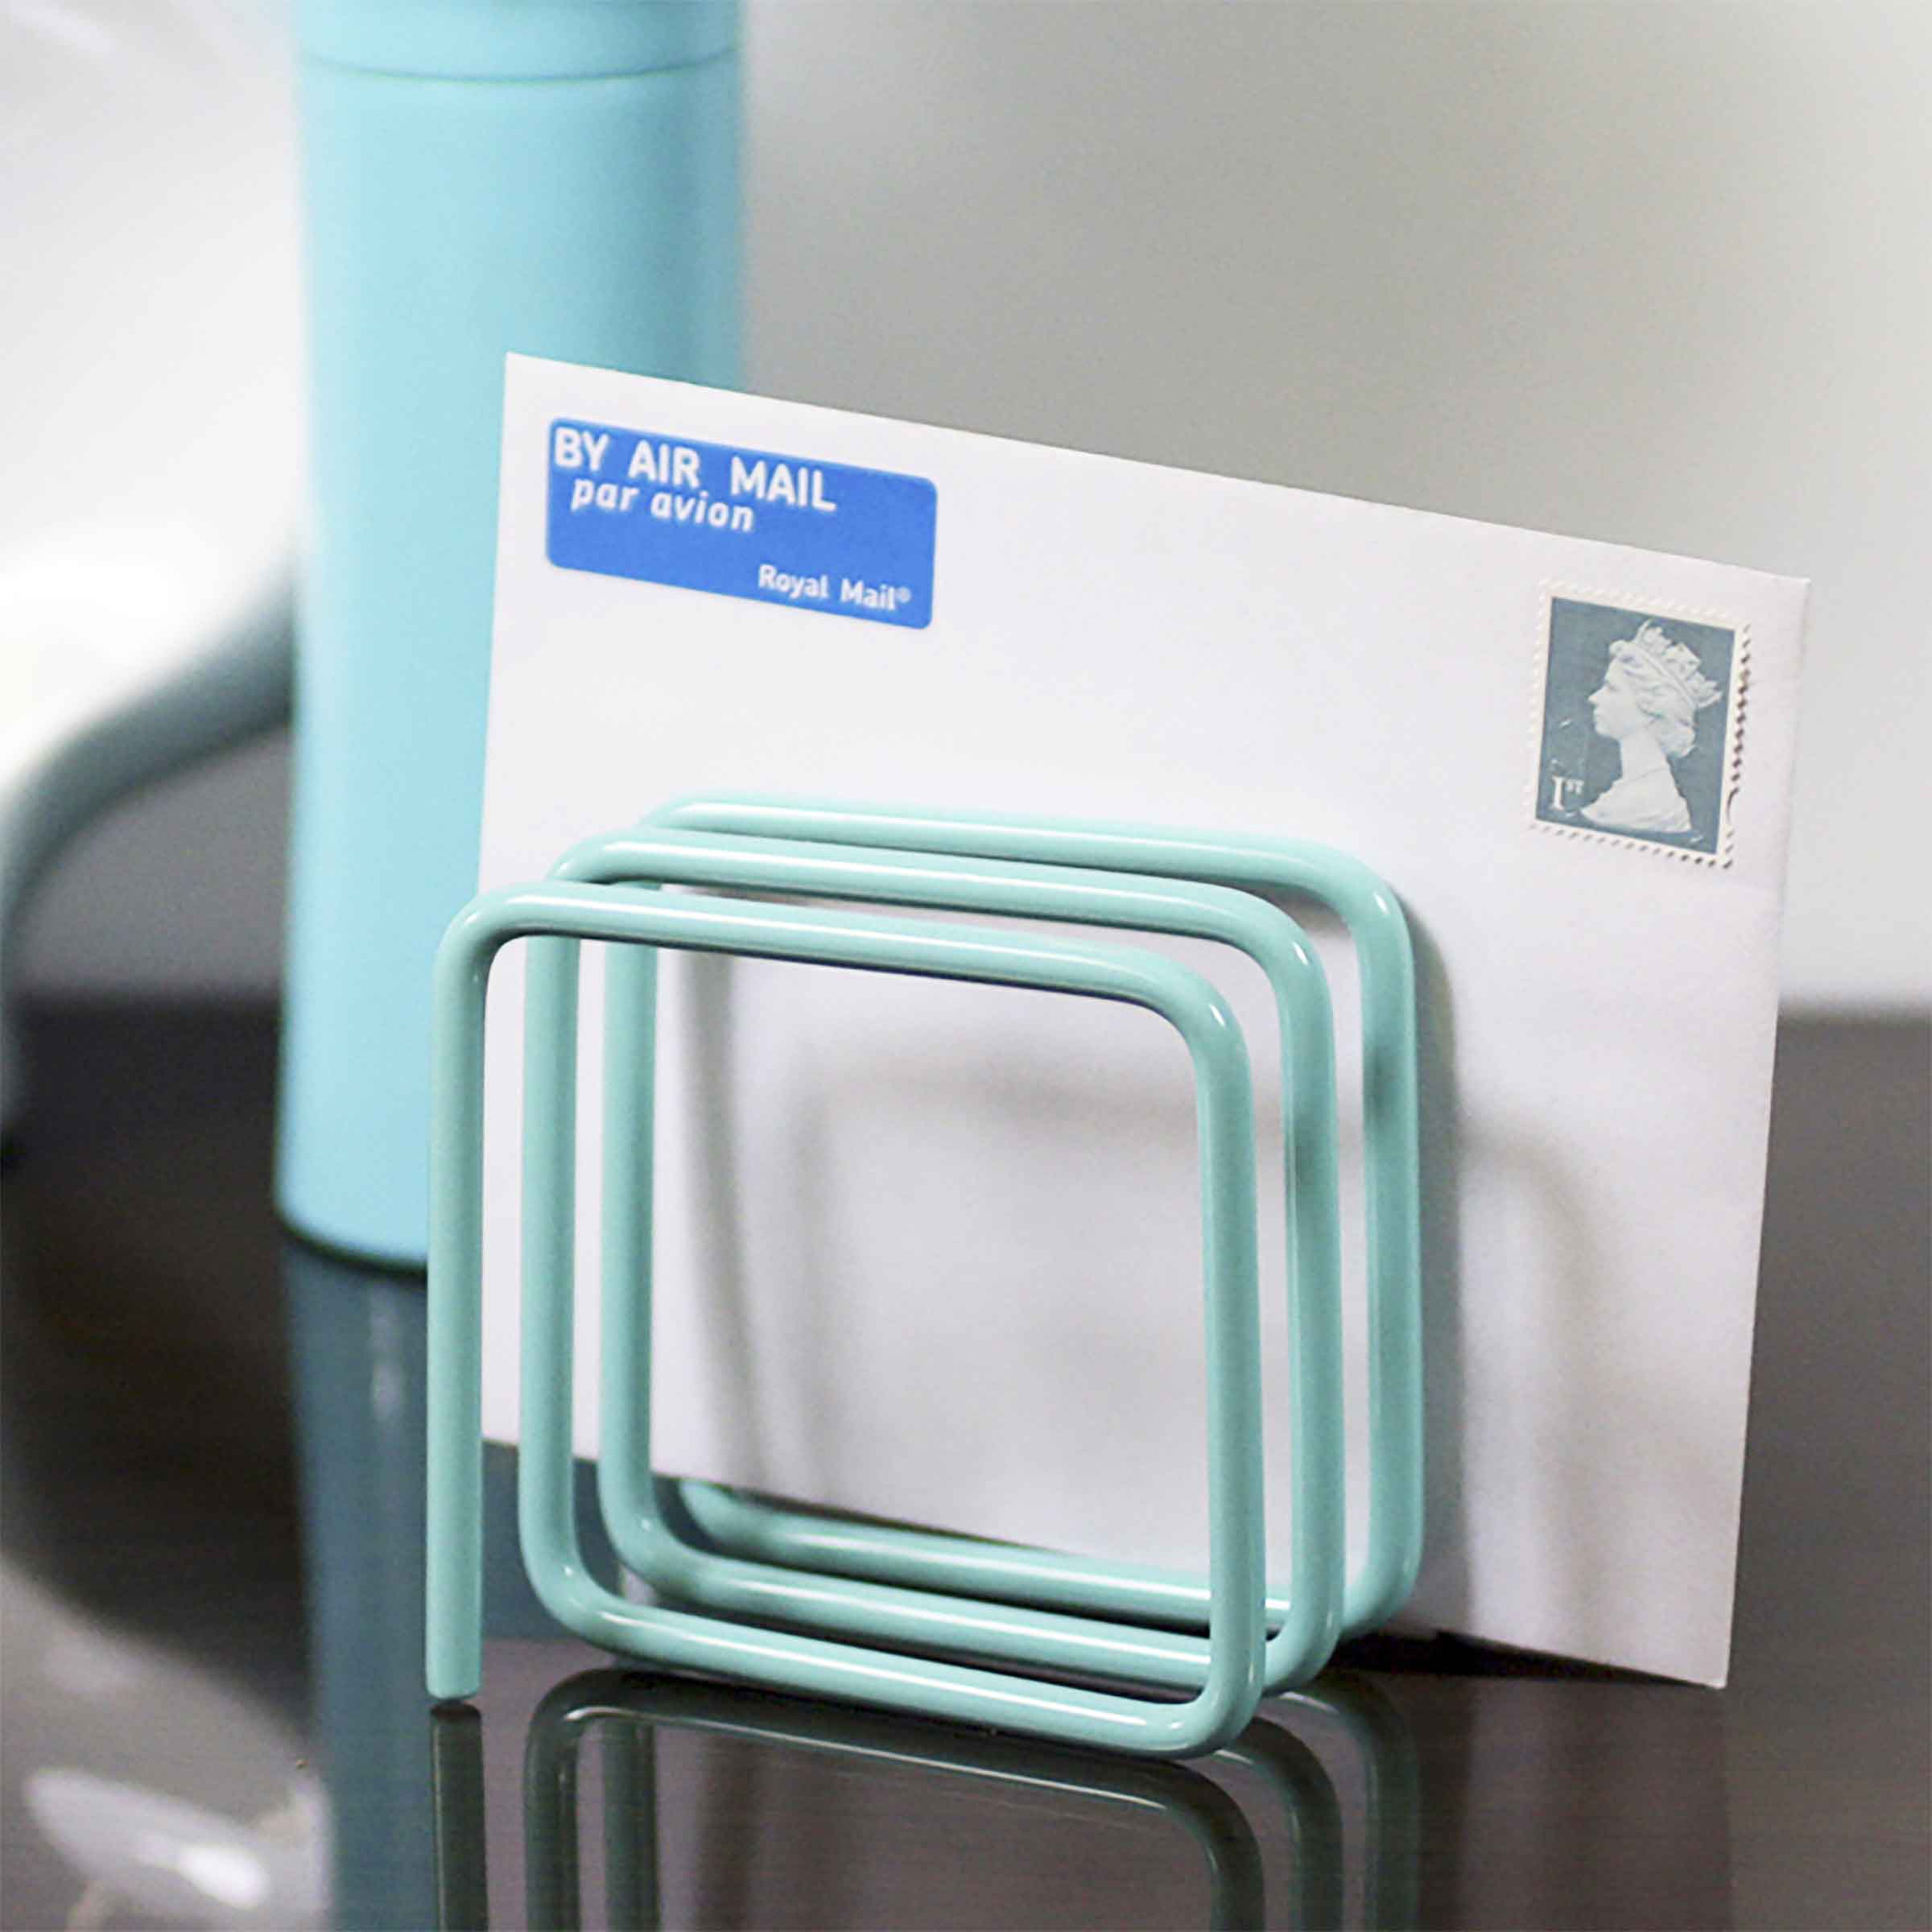 Support en métal ressort couleur bleu clair pour courrier